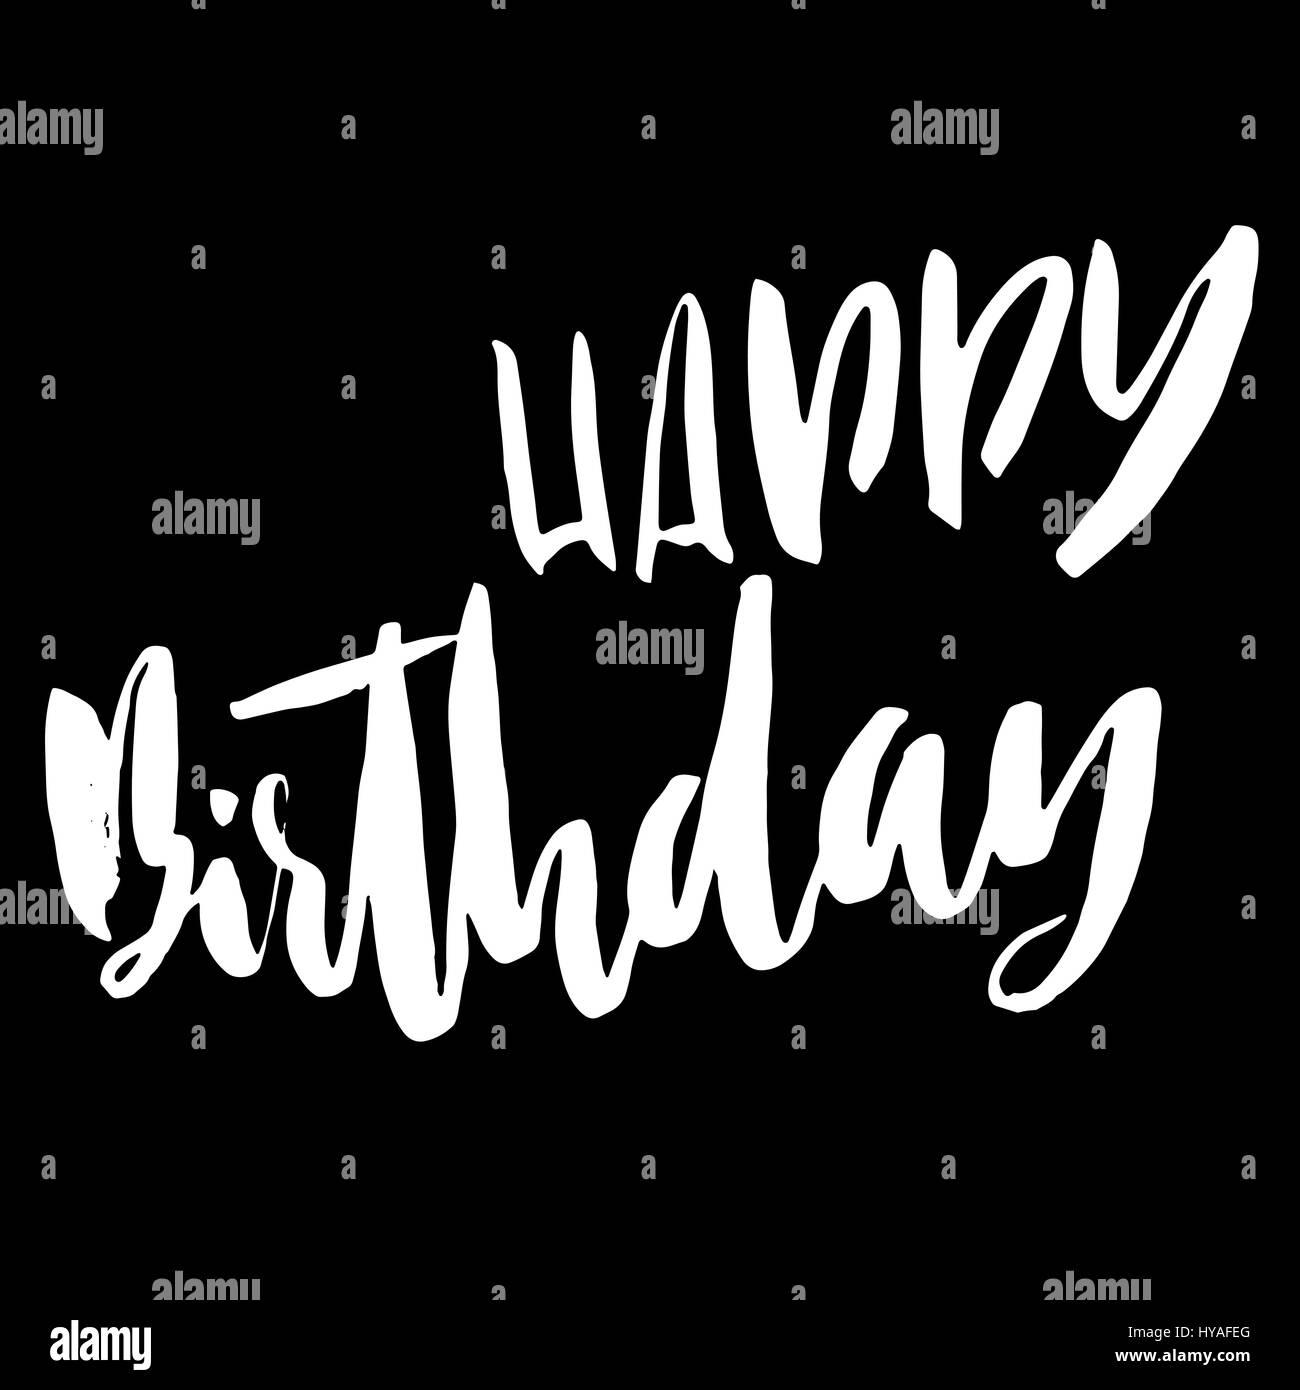 Romantic Happy Birthday Calligraphy Design Black and White